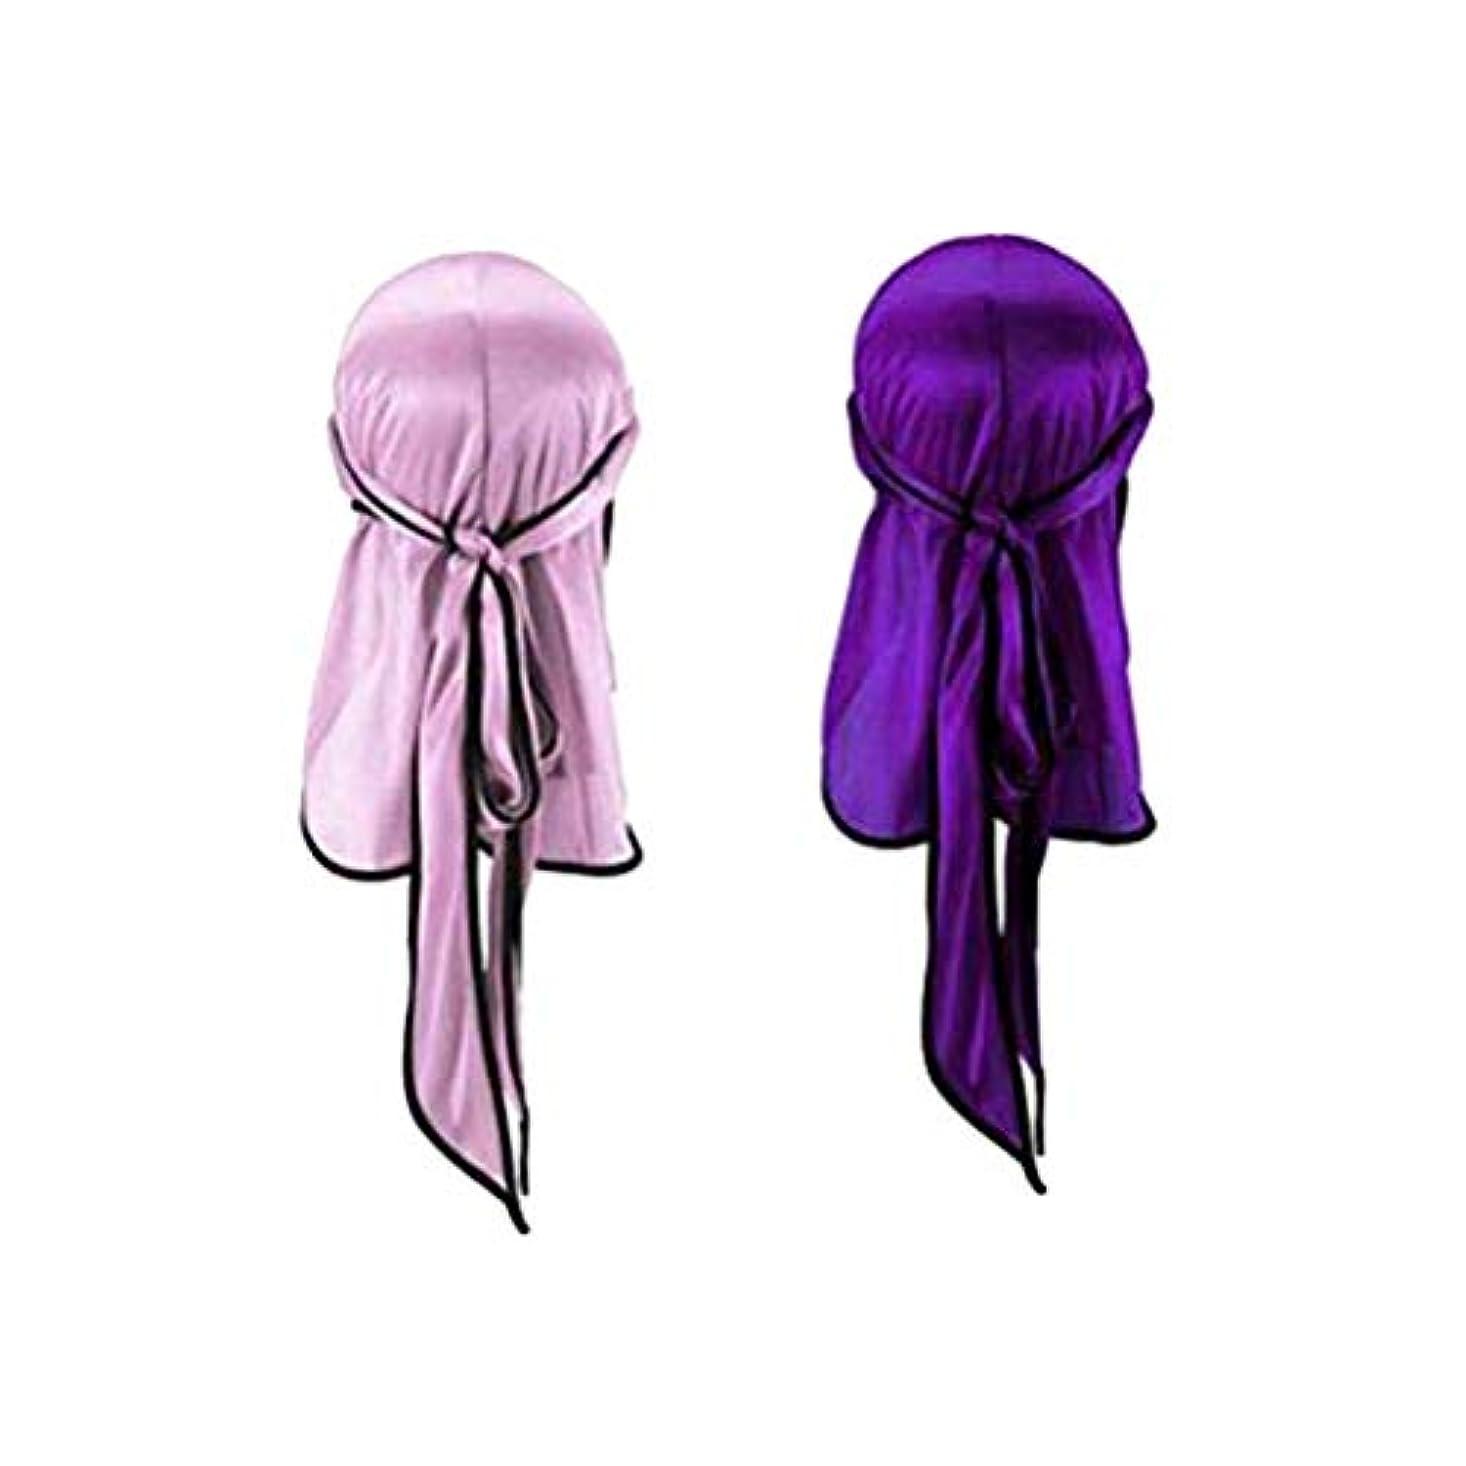 鉛筆洪水現実的Toyvian ナチュラルシルクスリープナイトキャップヘッドカバーボンネット用ヘア美容スカーフロングテール海賊帽子ヘッドドレス用屋外スポーツ2ピース